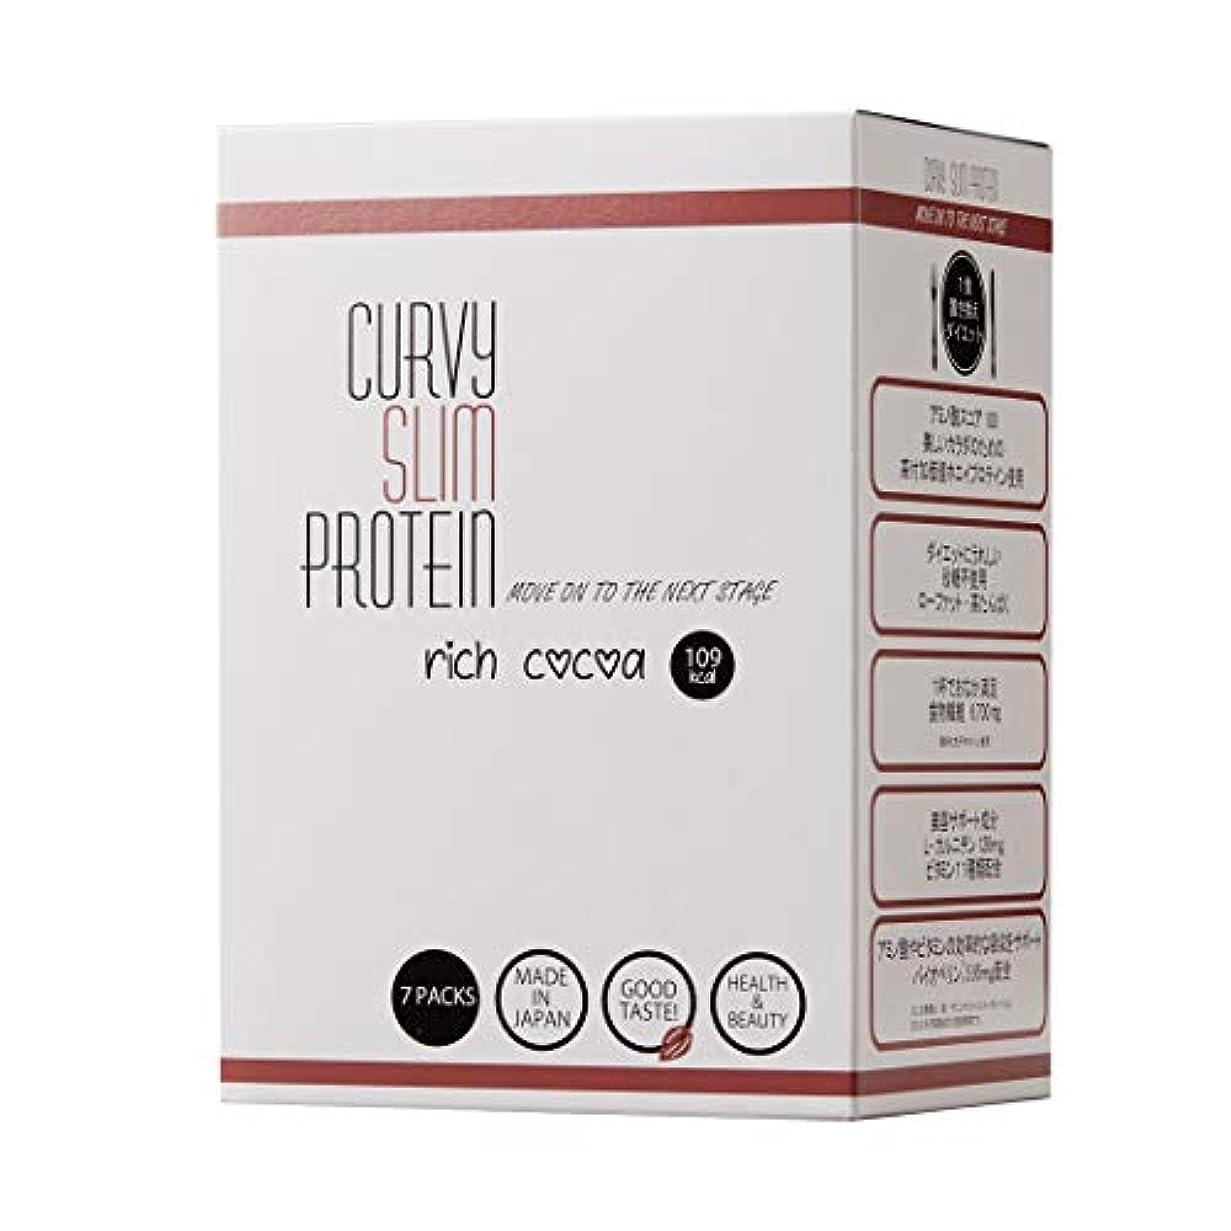 広範囲に葡萄コンバーチブルカーヴィースリム® プロテイン リッチココア 置き換え ダイエット 7包(7食分)